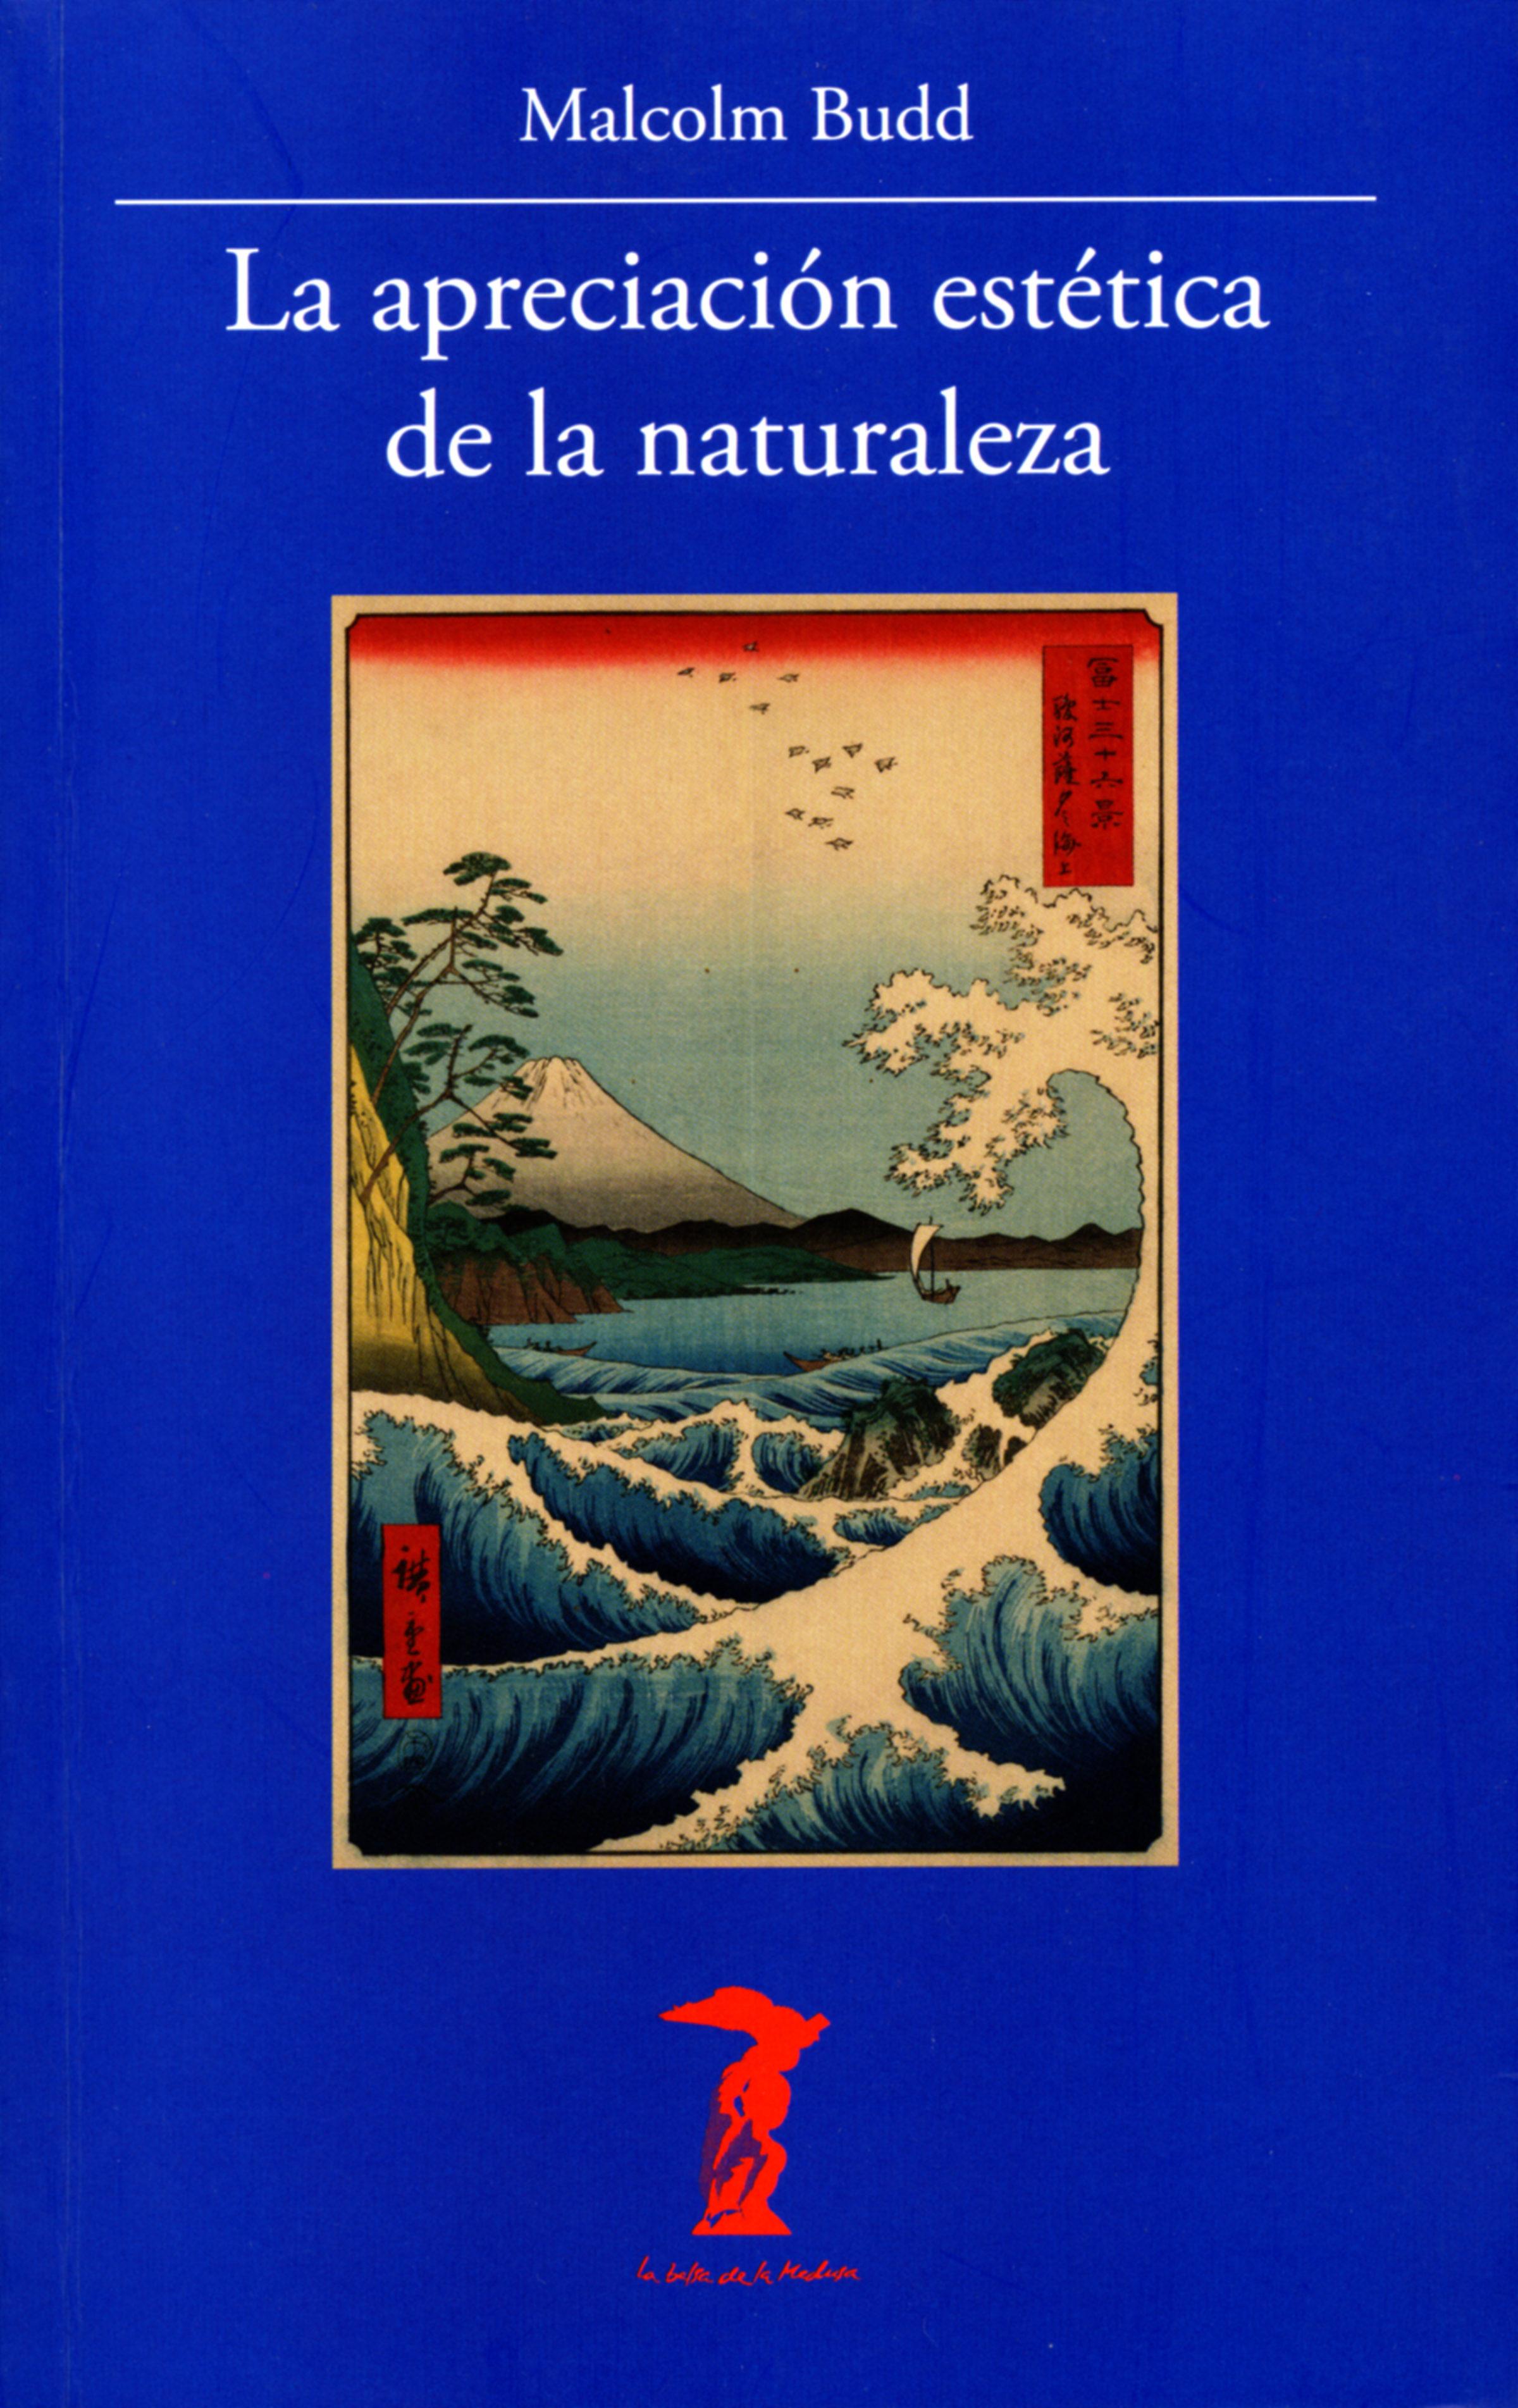 La apreciación estética de la naturaleza (La balsa de la Medusa nº 194)